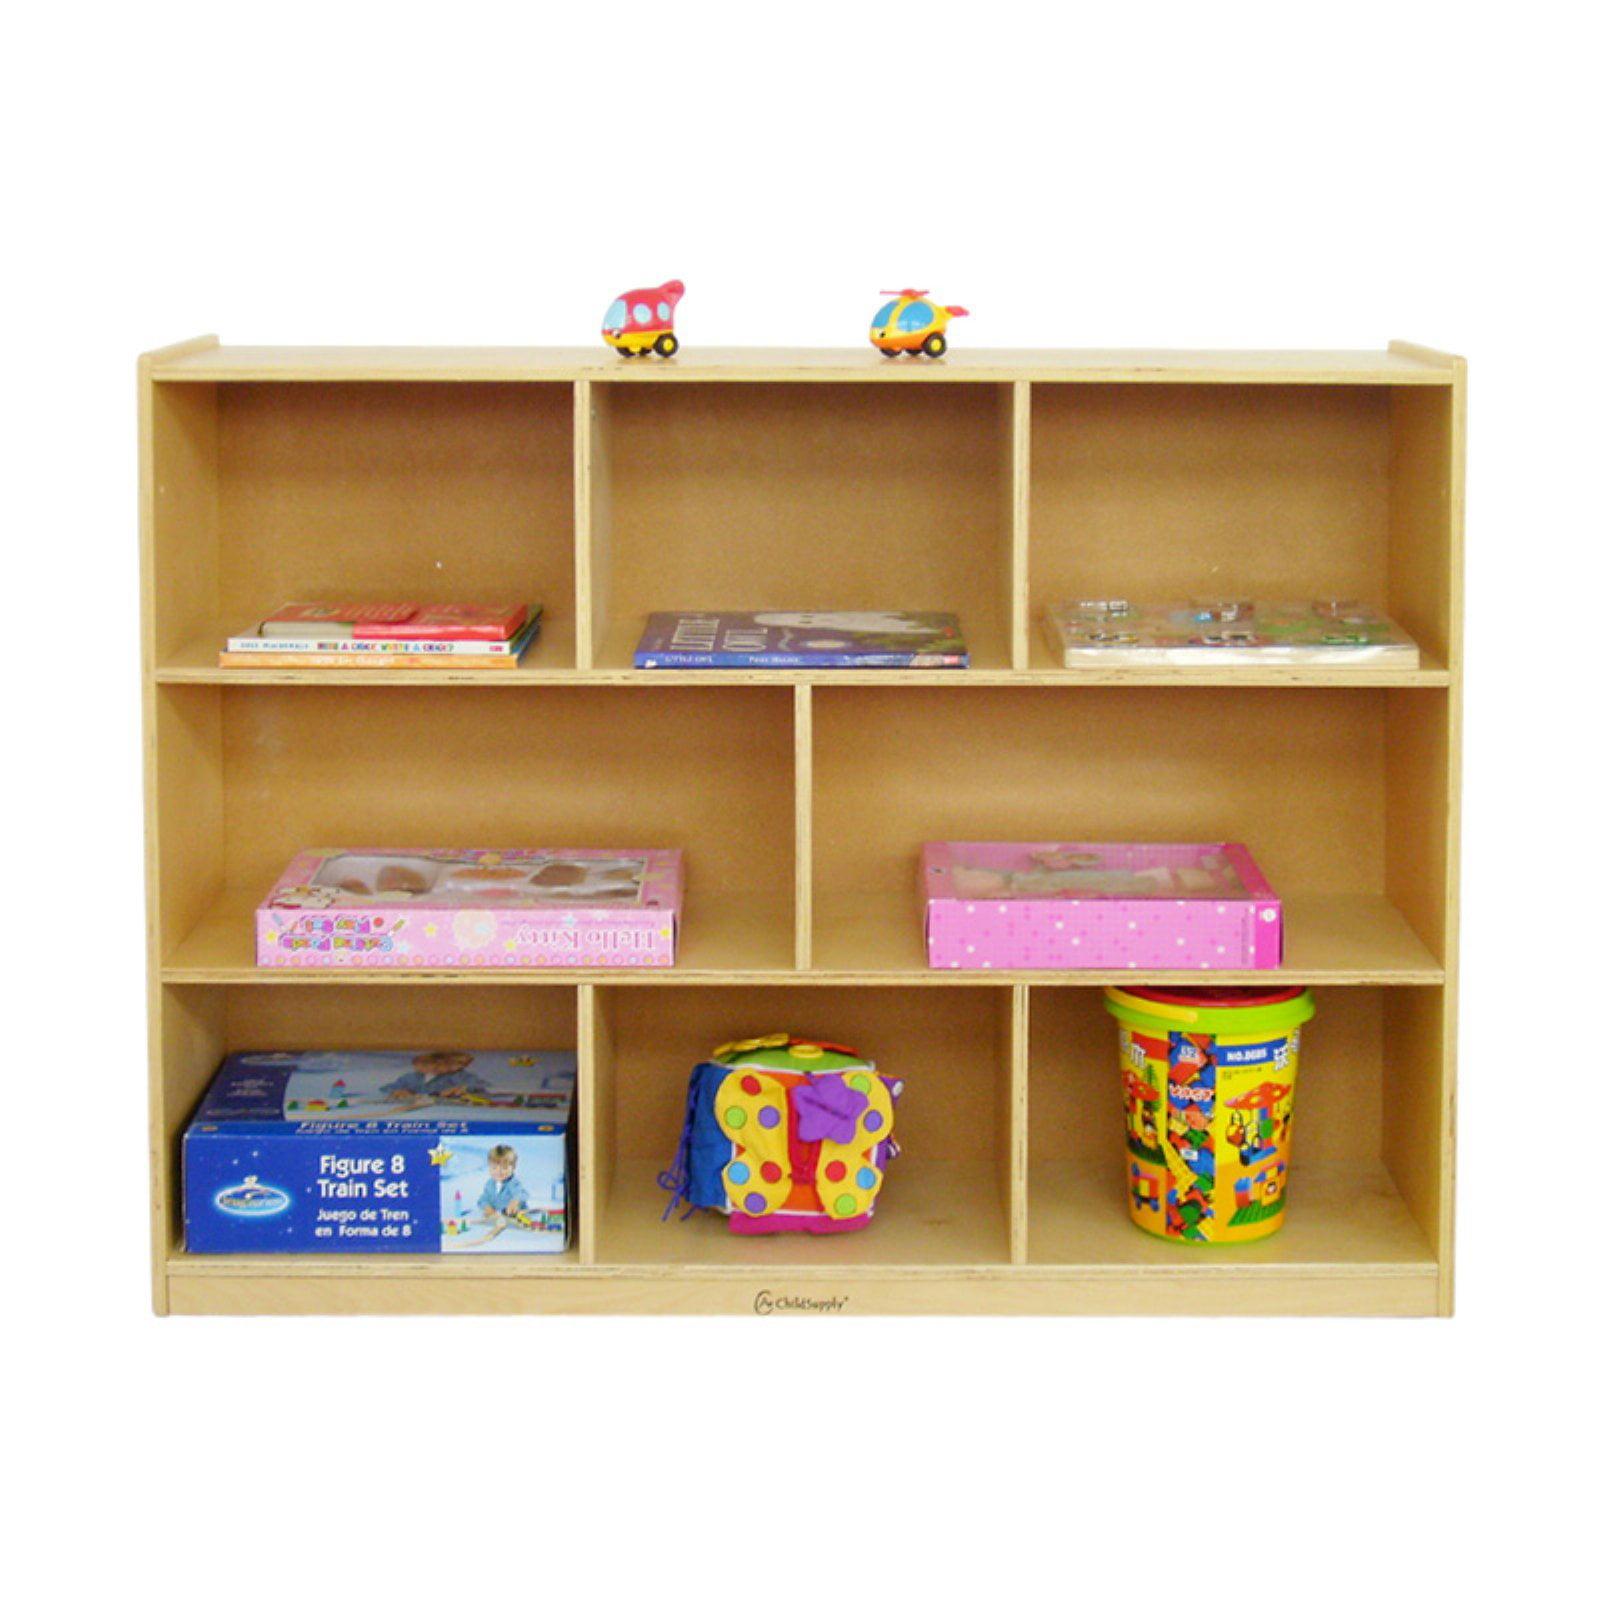 A+ Childsupply Storage Cabinet